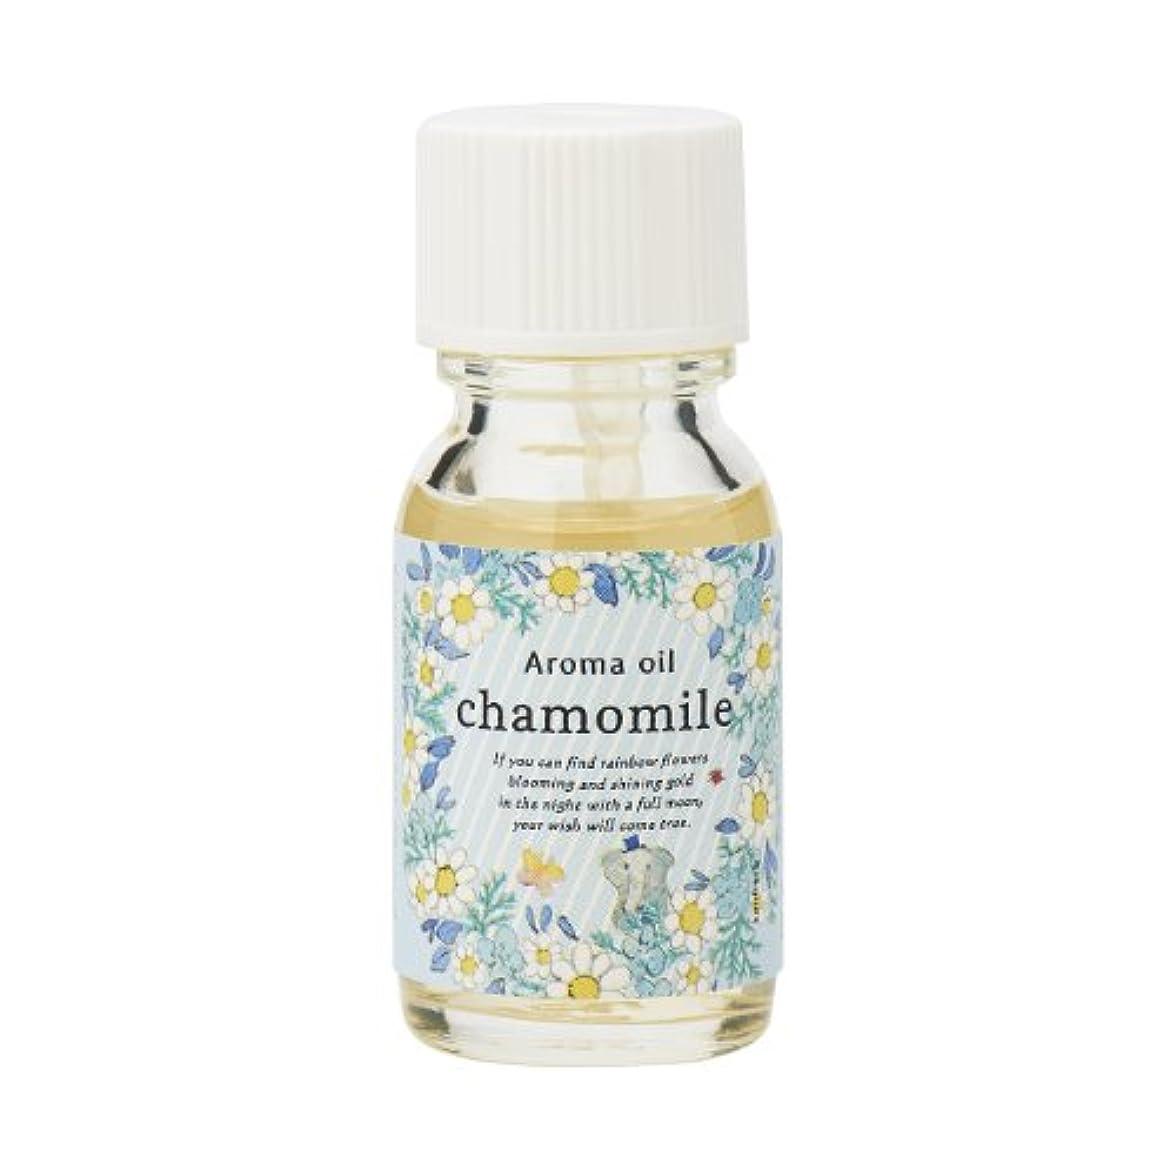 ボーナス定期的すみませんサンハーブ アロマオイル カモマイル 13ml(やさしく穏やかな甘い香り)